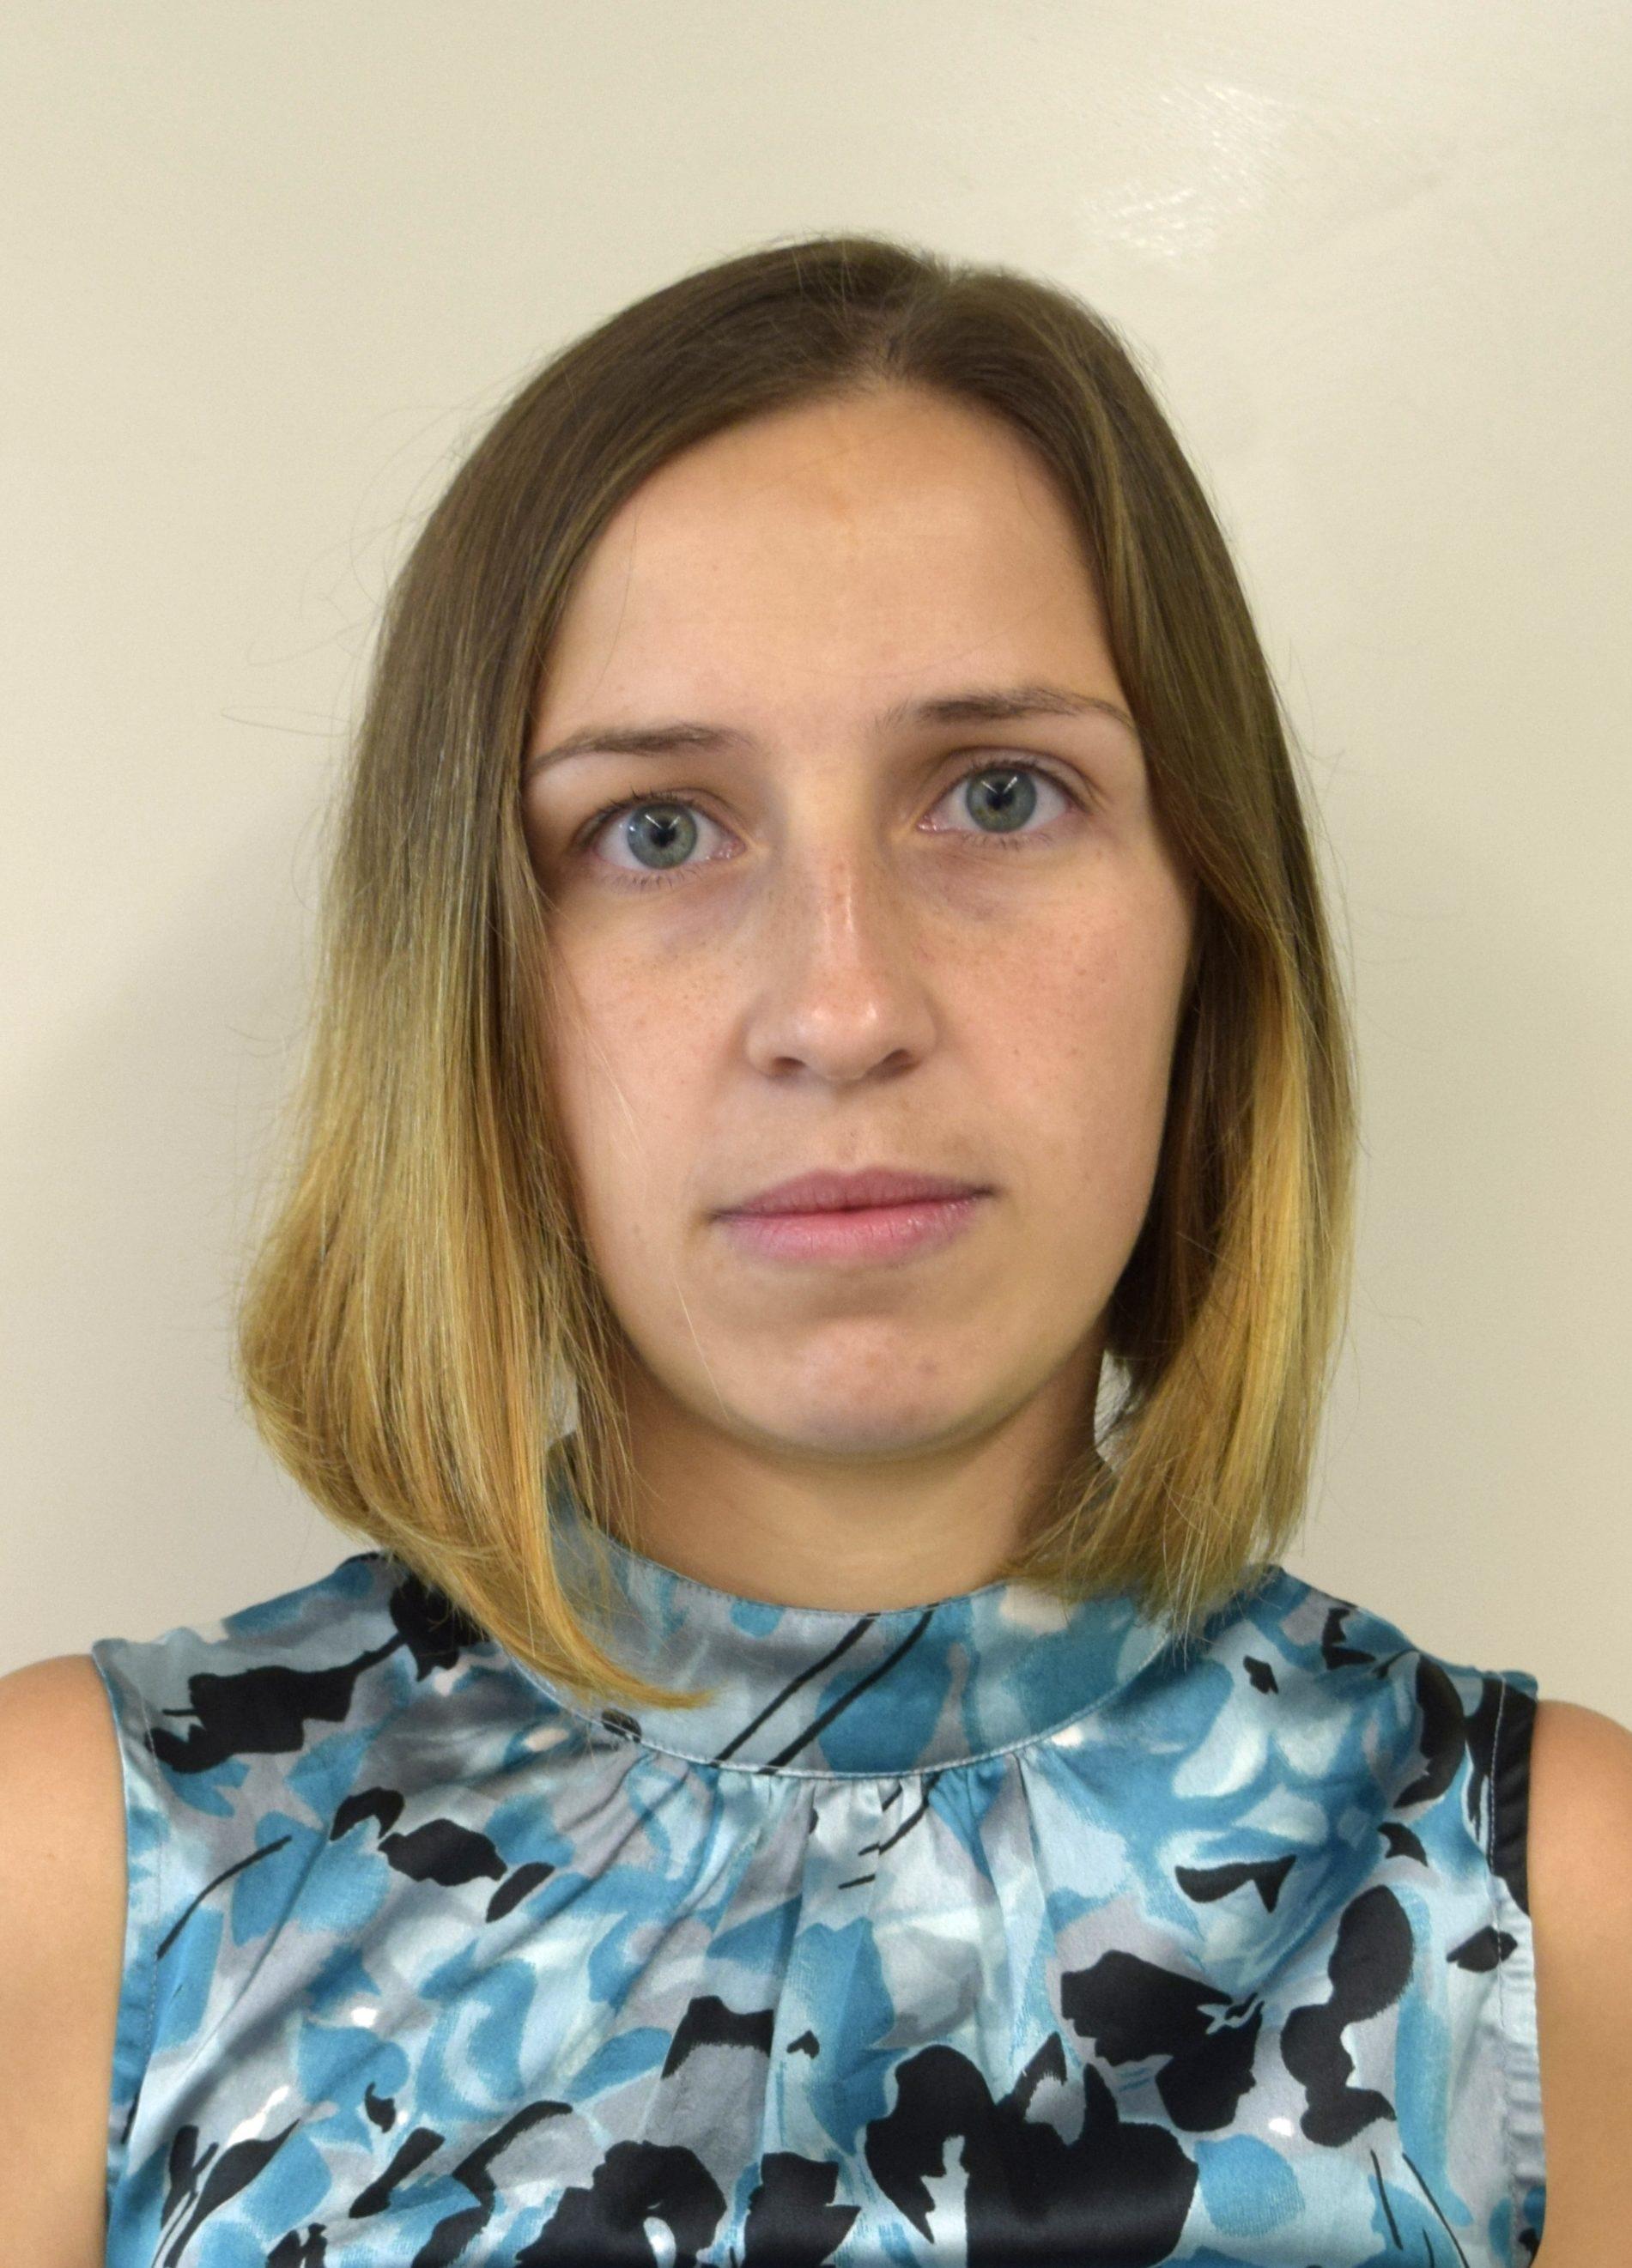 Учитель химииШахова Екатерина Андреевна